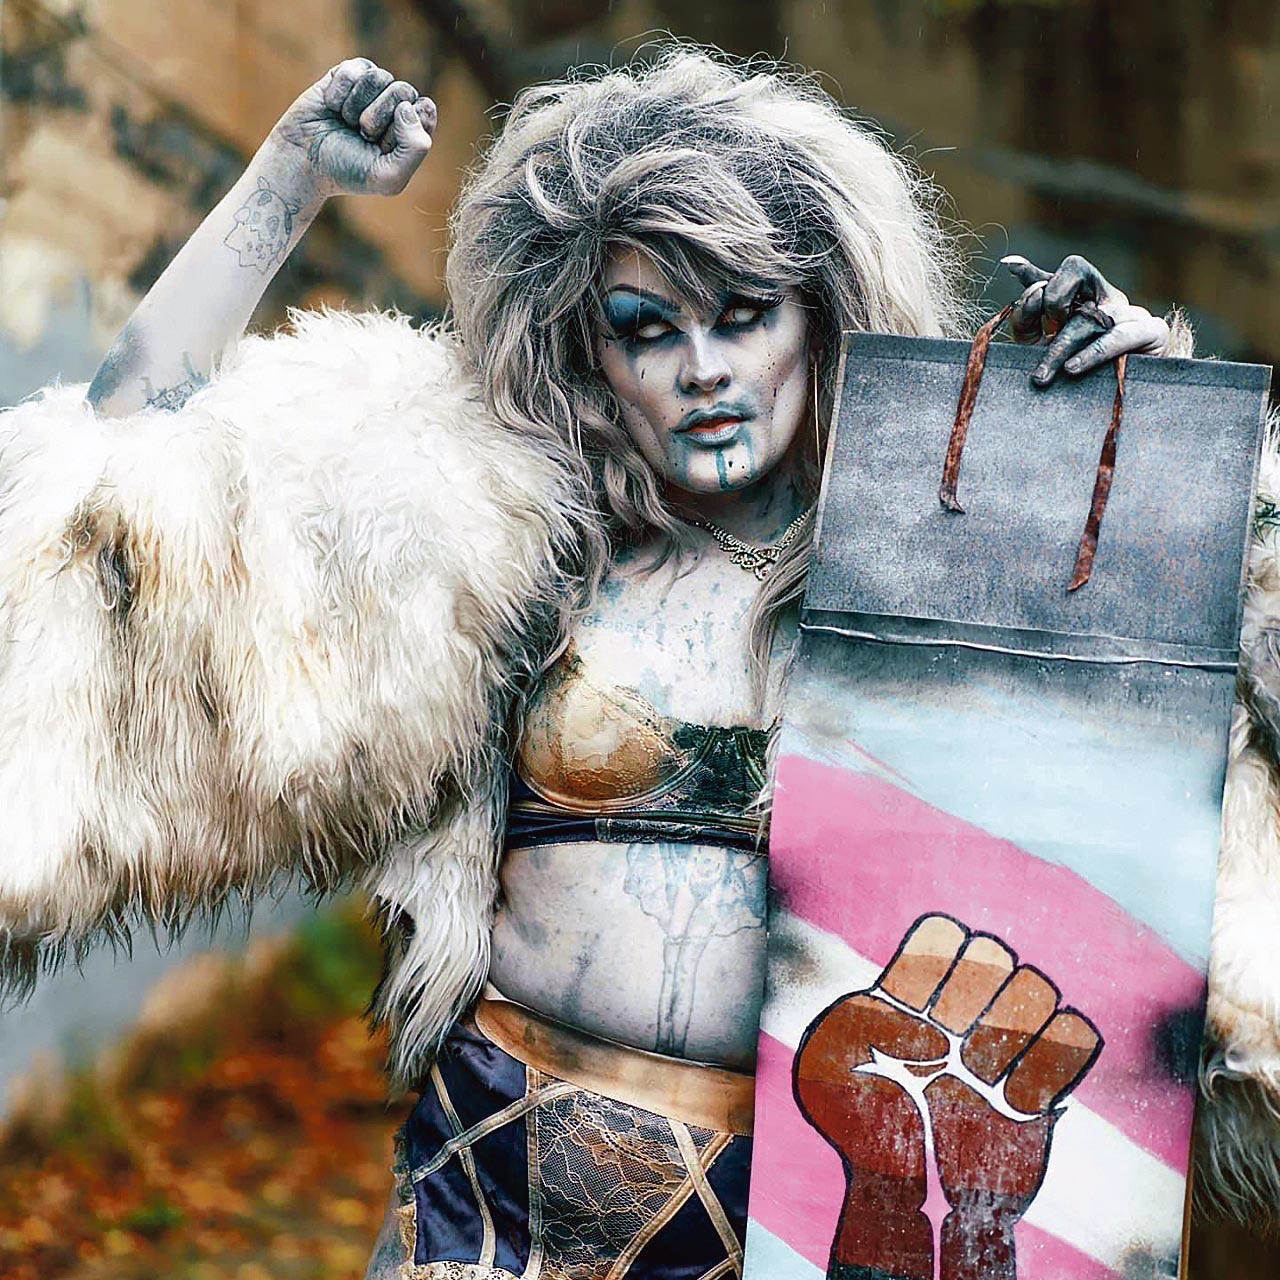 Drag queen participant à DragulaResurection avec une pancarte black live matter